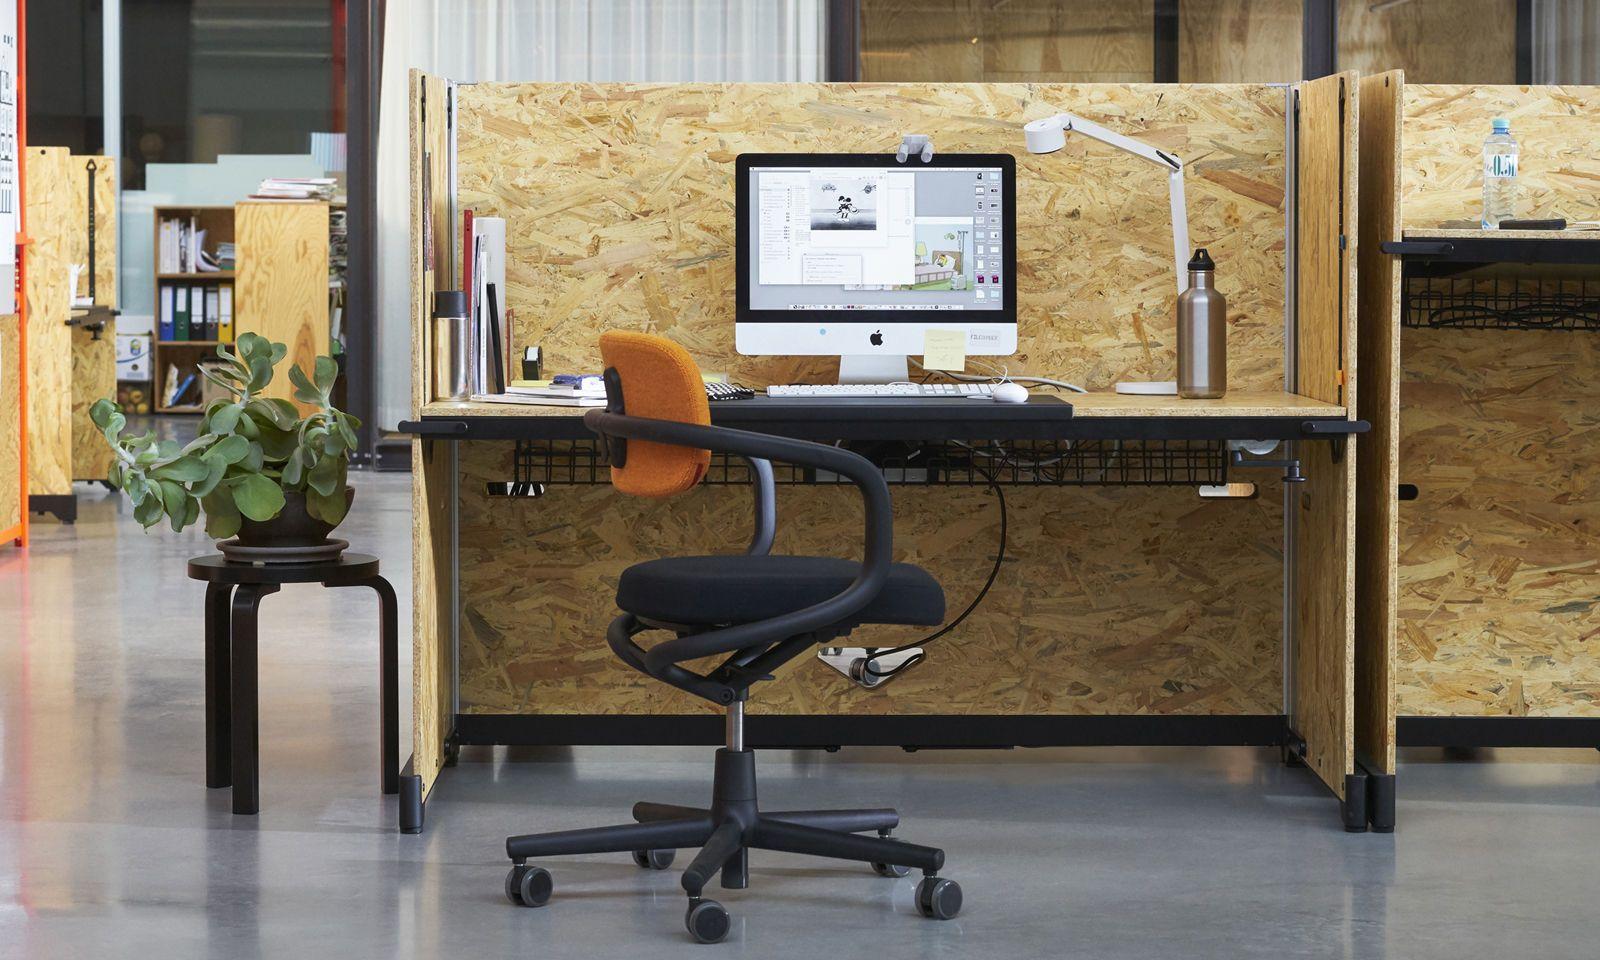 Schreibtisch, Stehtisch, Sofanische – Hack ist die moderne Variante eines flexiblen Arbeitsmöbels für die Generation der Millennials.